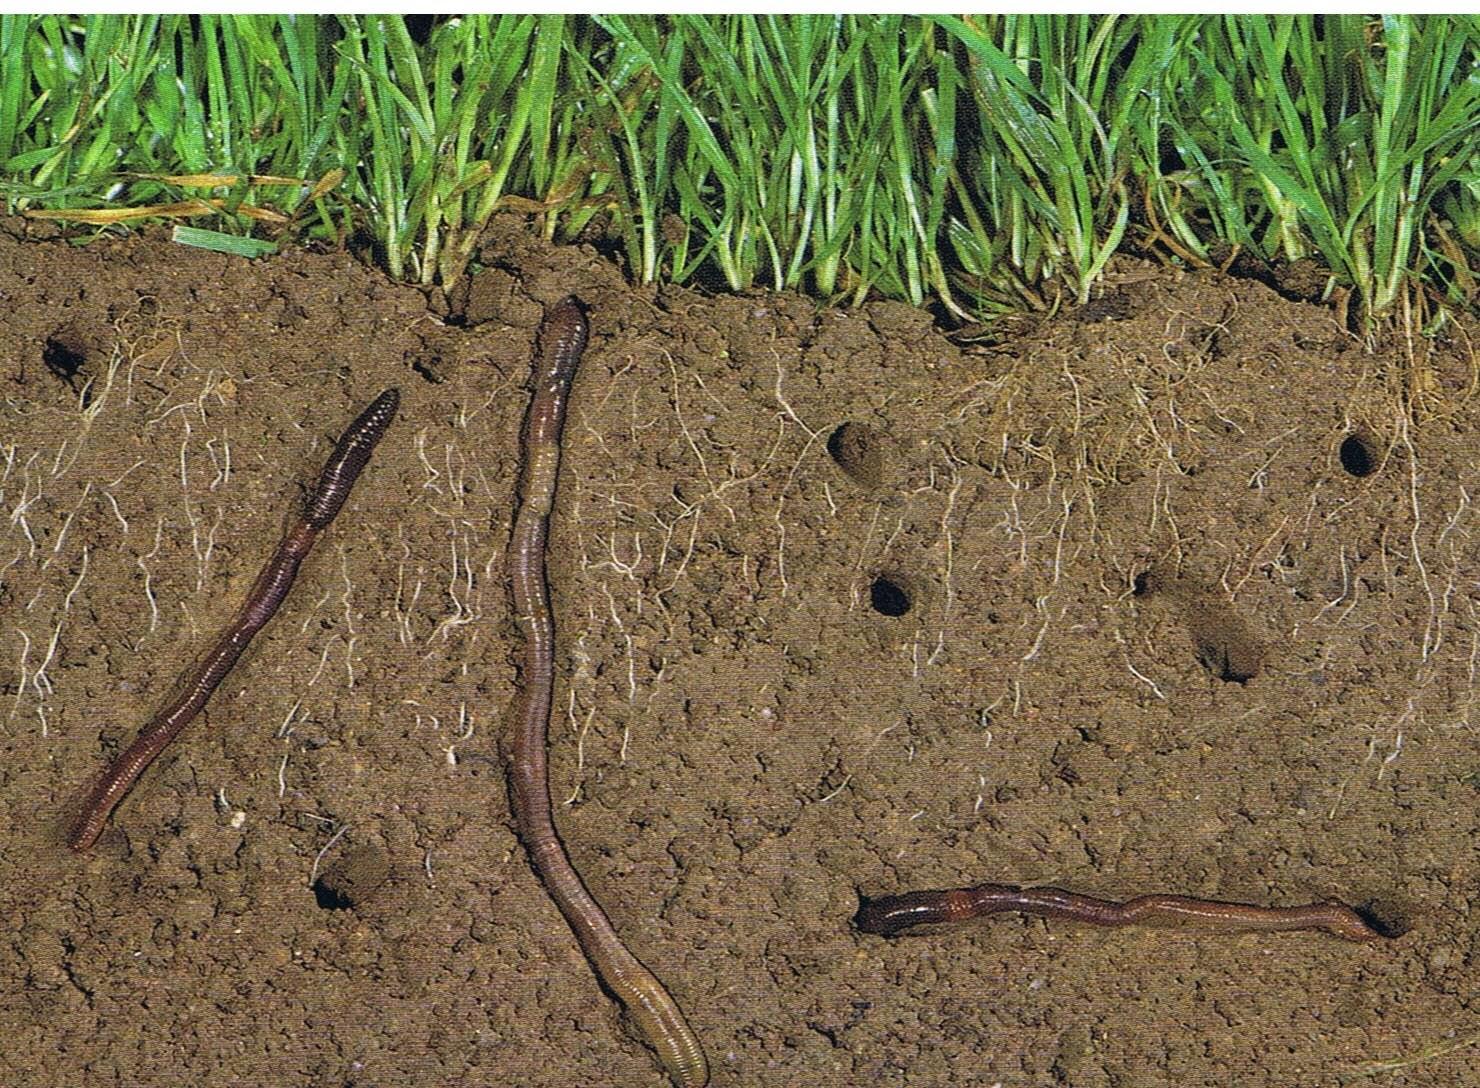 Mach bio les vers de terre dans le jardin des alli s - Vers dans les cerises ...